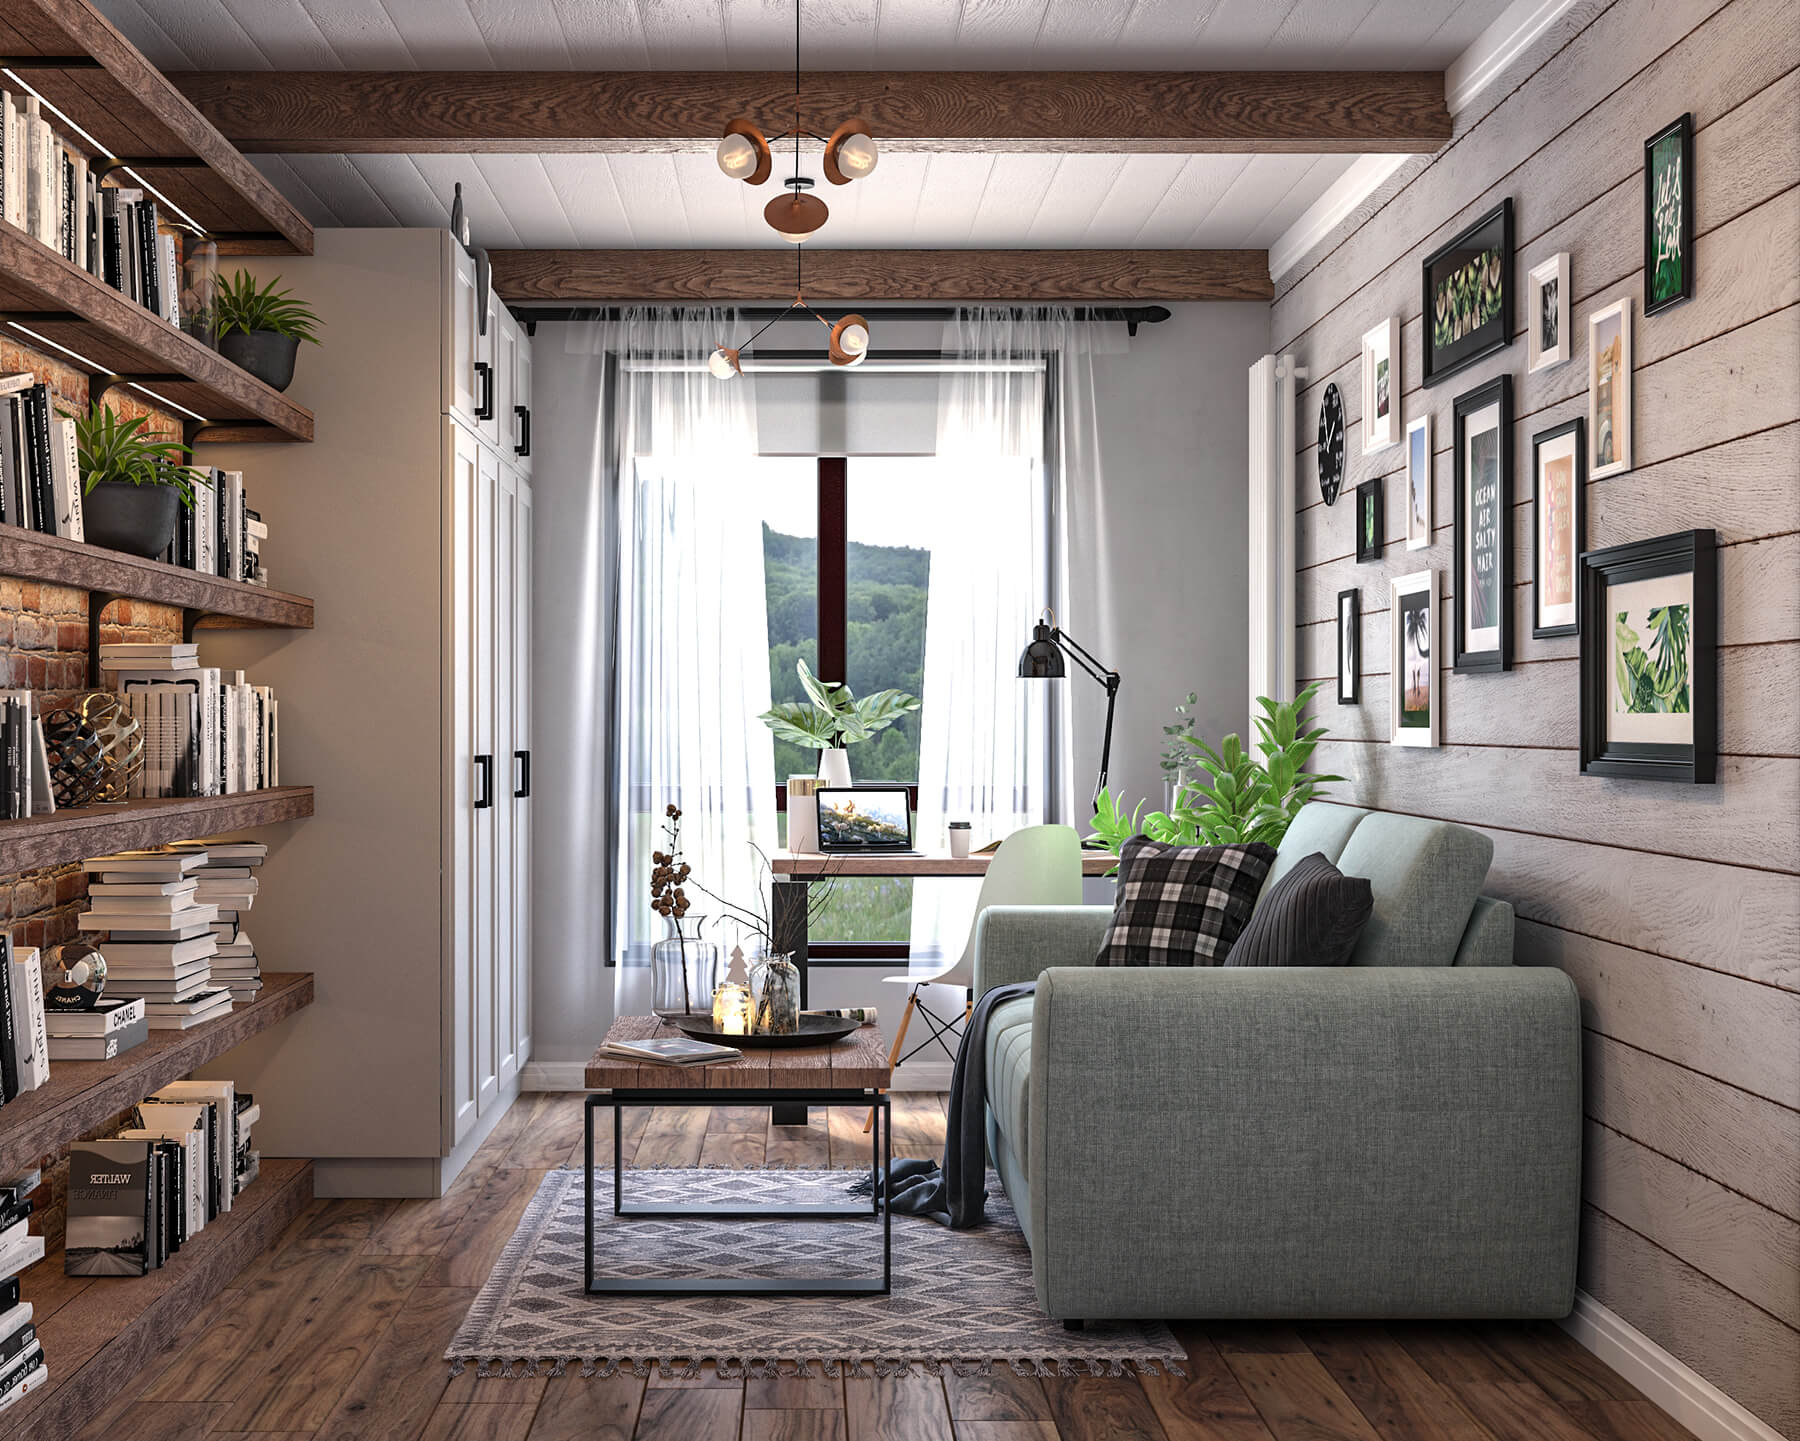 interioren-dizain-proekt-na-spalnia-s-divan-1-esteta